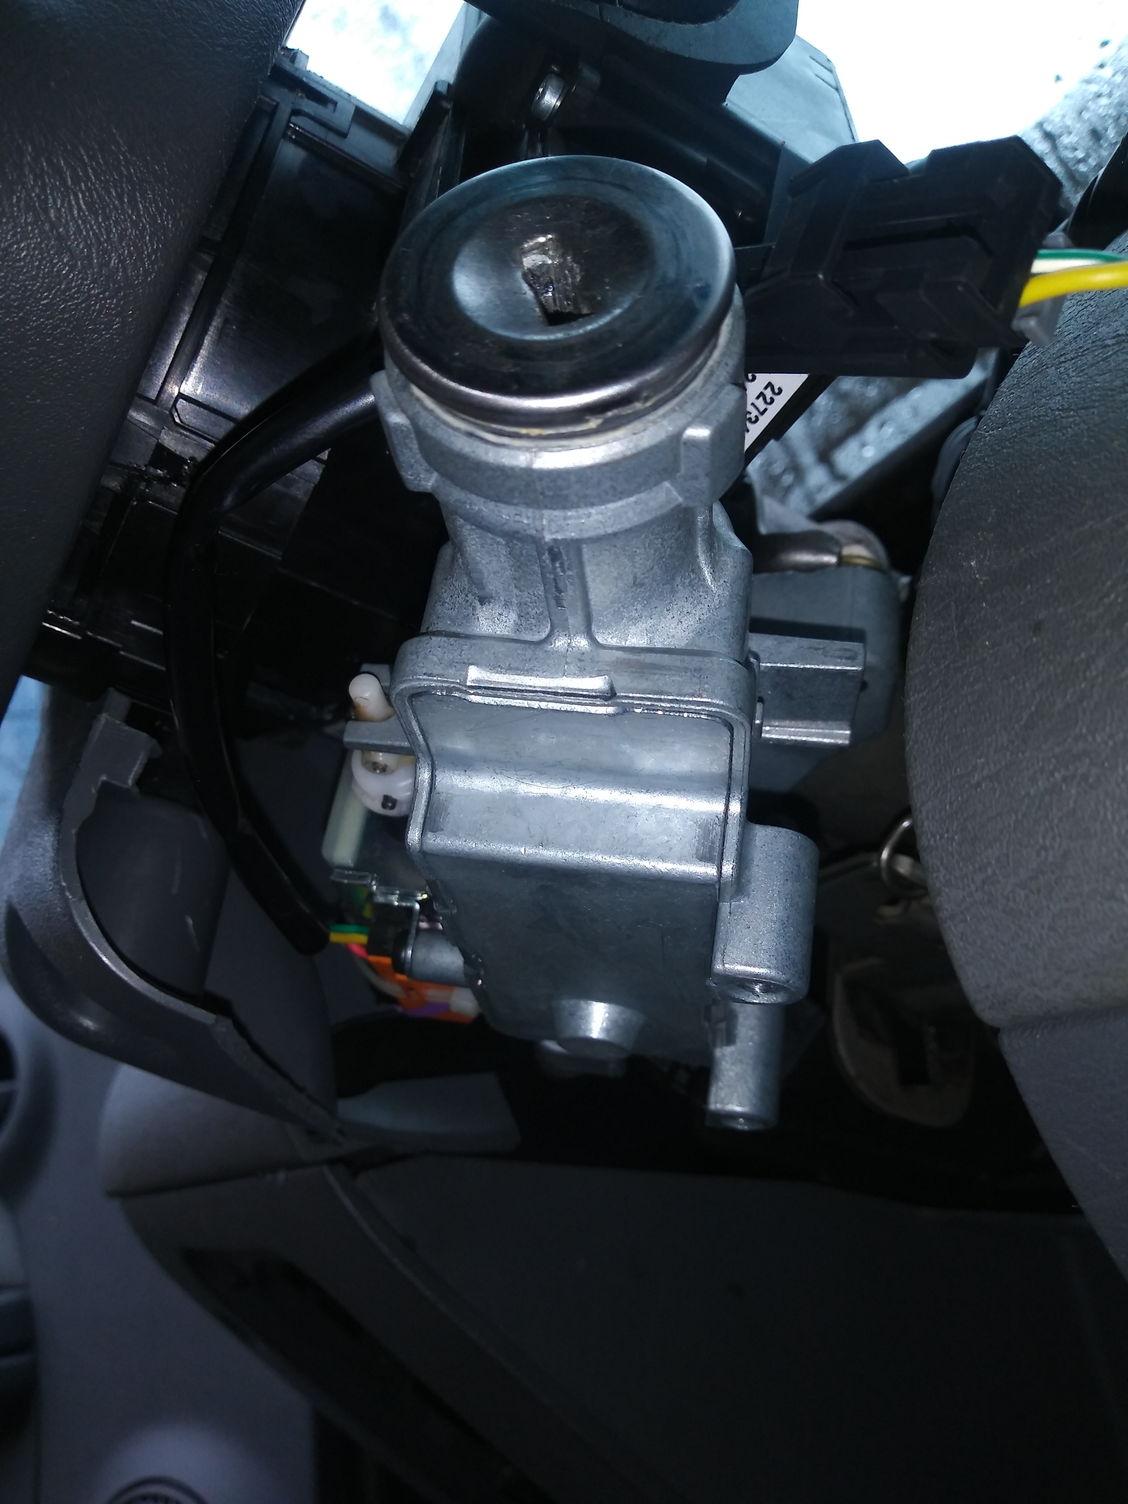 Saturn Steering Column Wiring Detailed Schematics Diagram Chevy G30 2006 Ion No Crank Start Forum Triumph